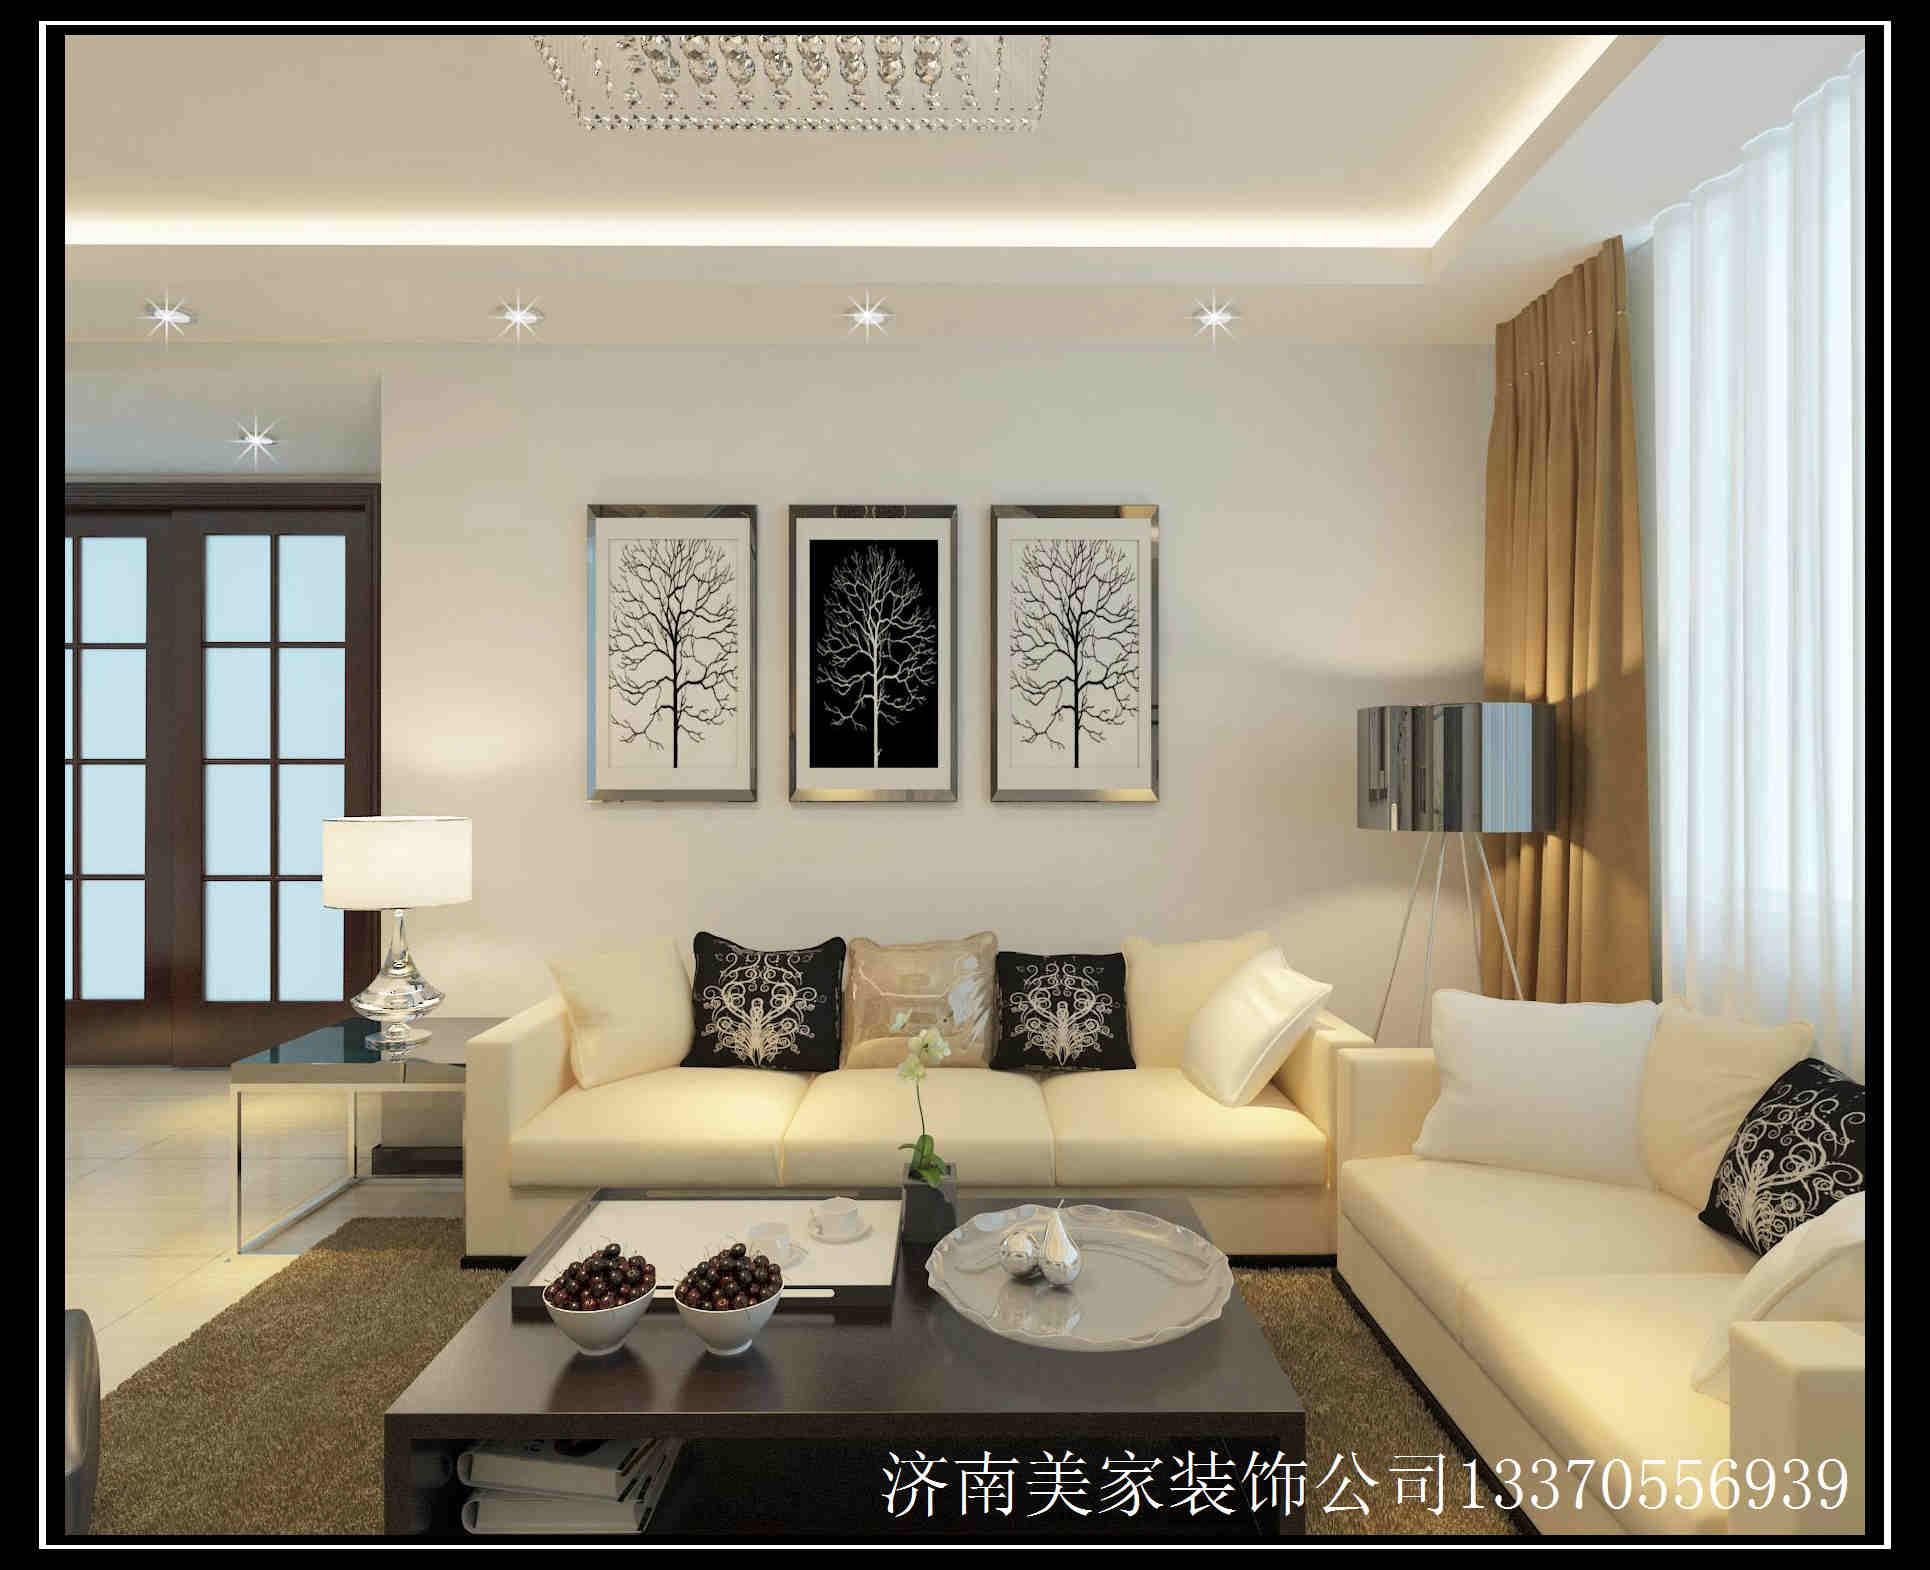 客厅电视墙颜色搭配 浅色与亮色搭配更时尚